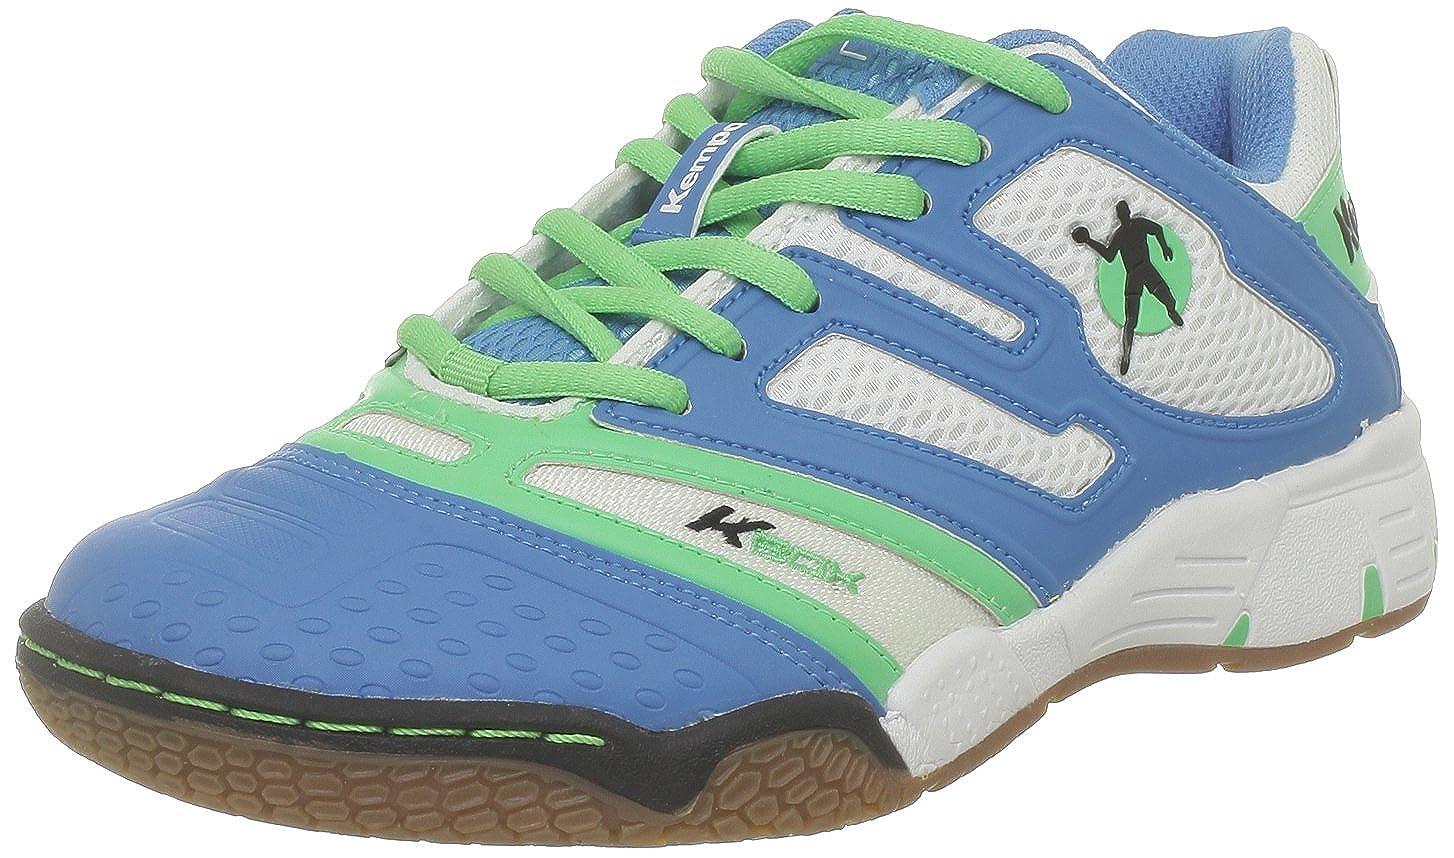 TALLA 44 EU. Kempa Performer Women 200846702 - Zapatillas de Balonmano para Mujer